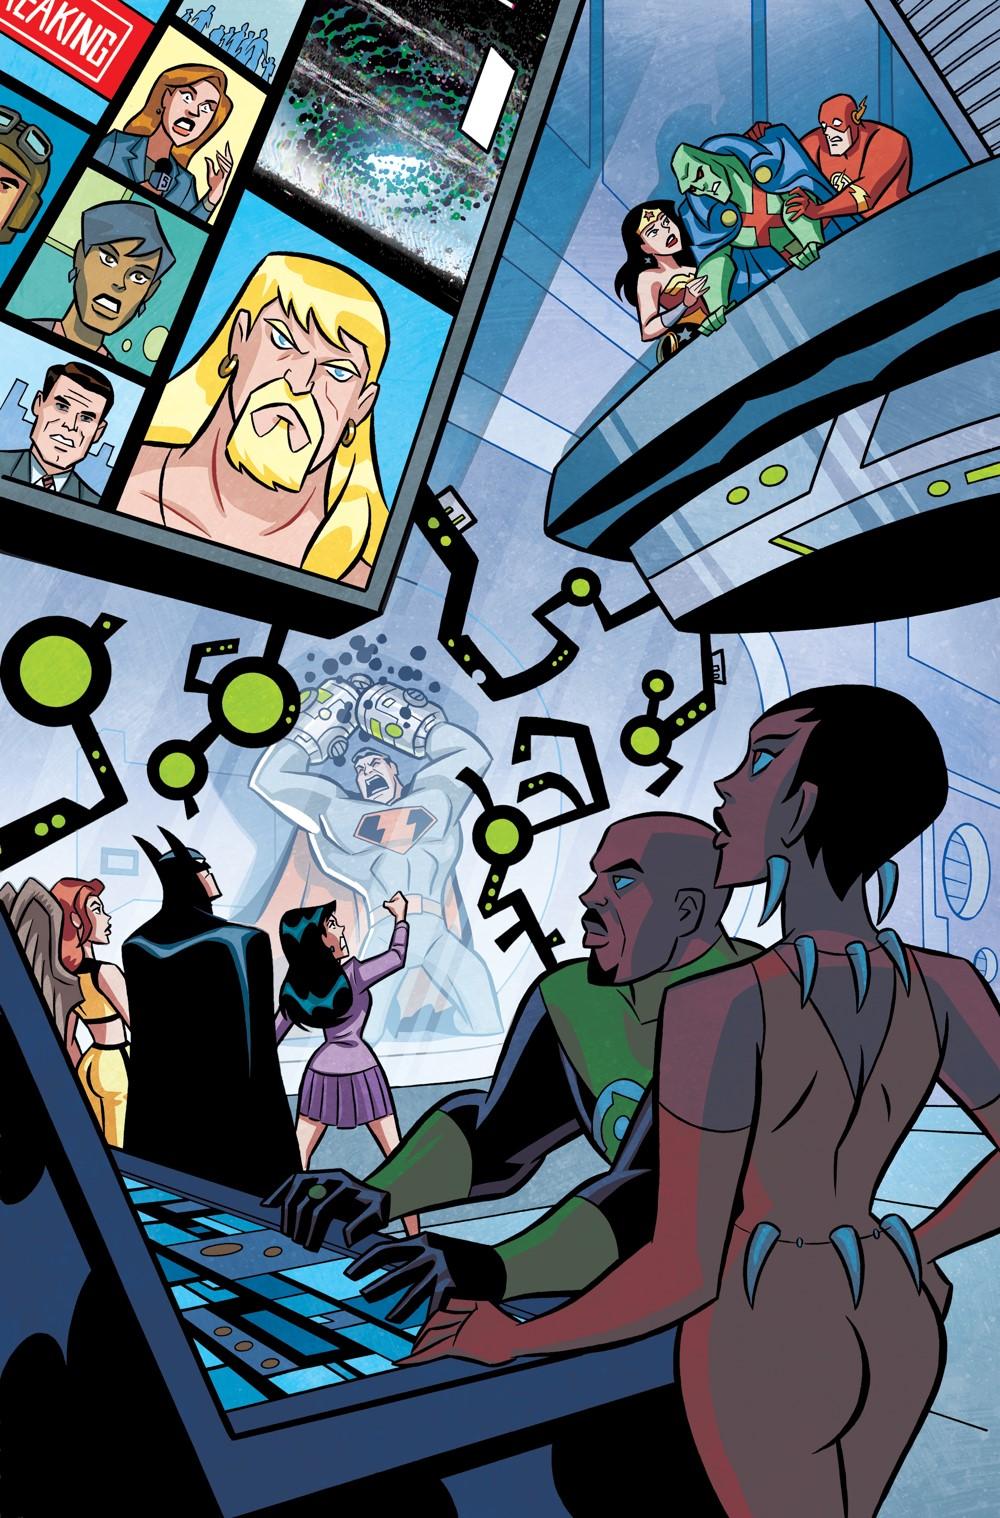 JL_Infinity_Cv6 DC Comics November 2021 Solicitations